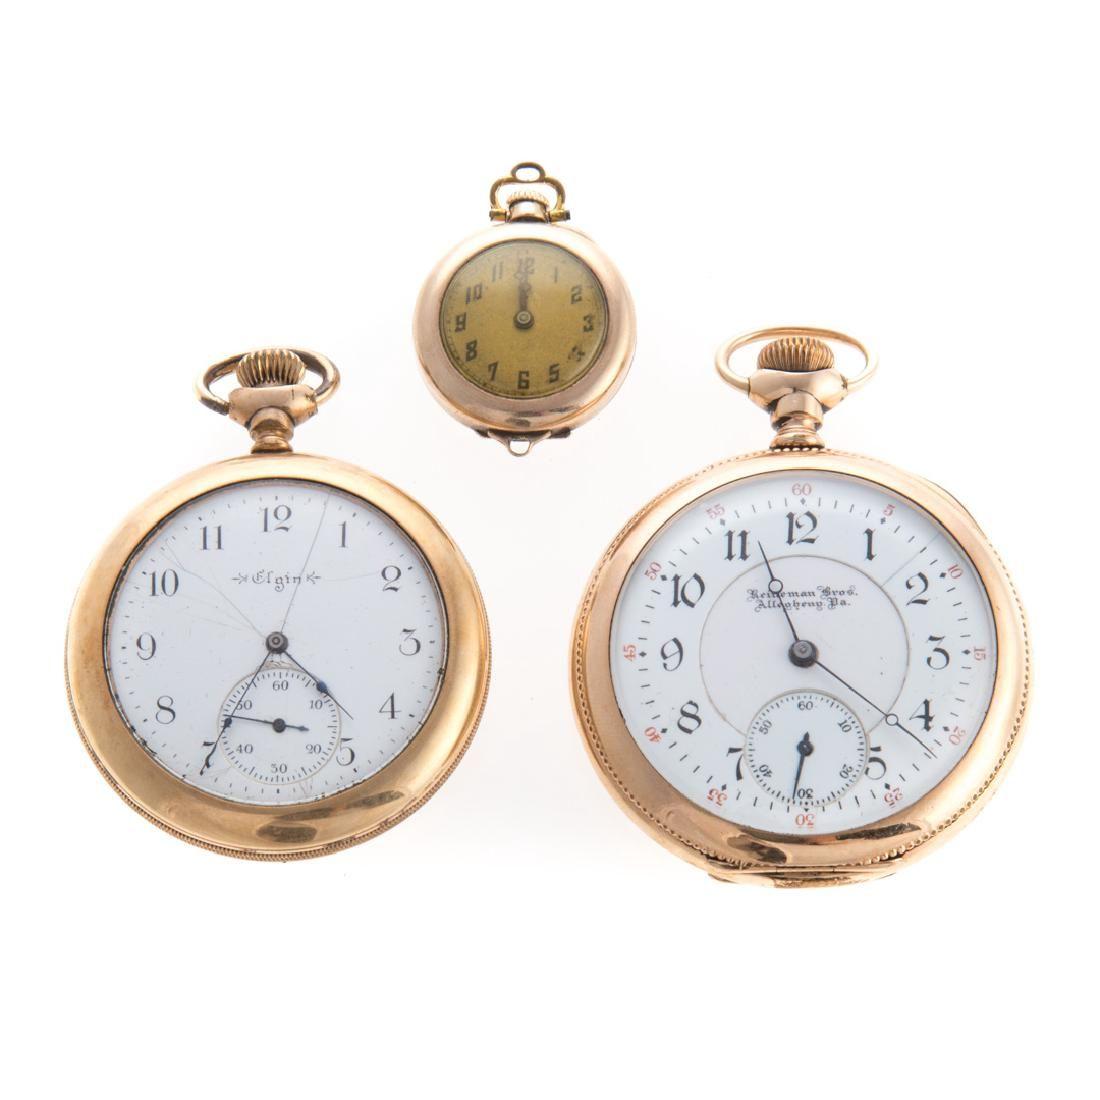 A Trio of Pocket Watches featuring Reineman Bros